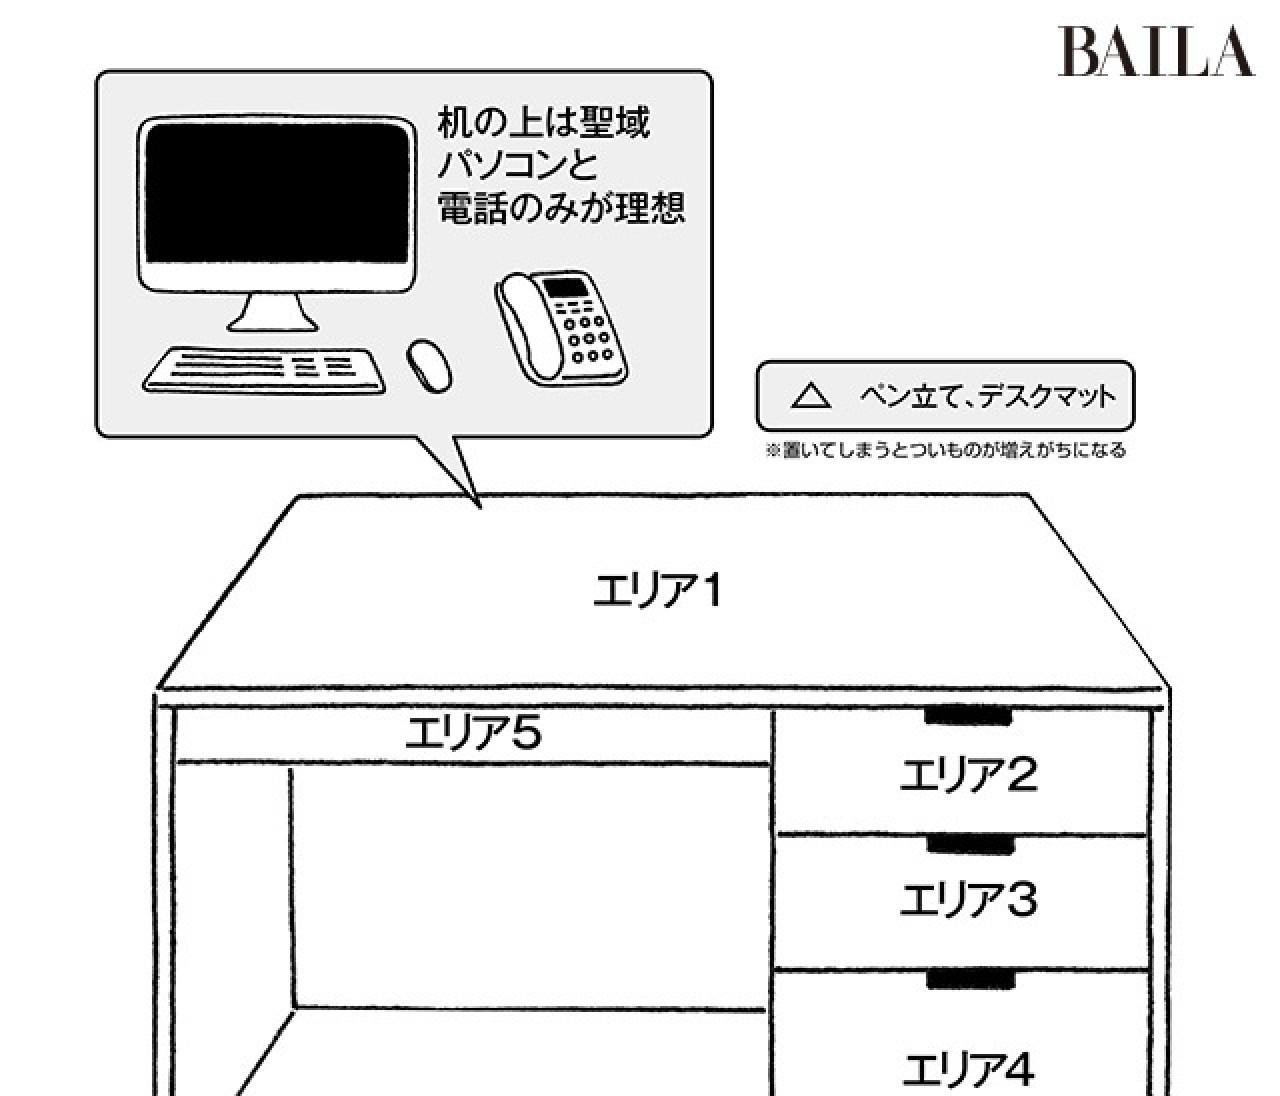 雑然デスクを絶対片づけられるようになる3つの鉄則【オフィス整理整頓術】